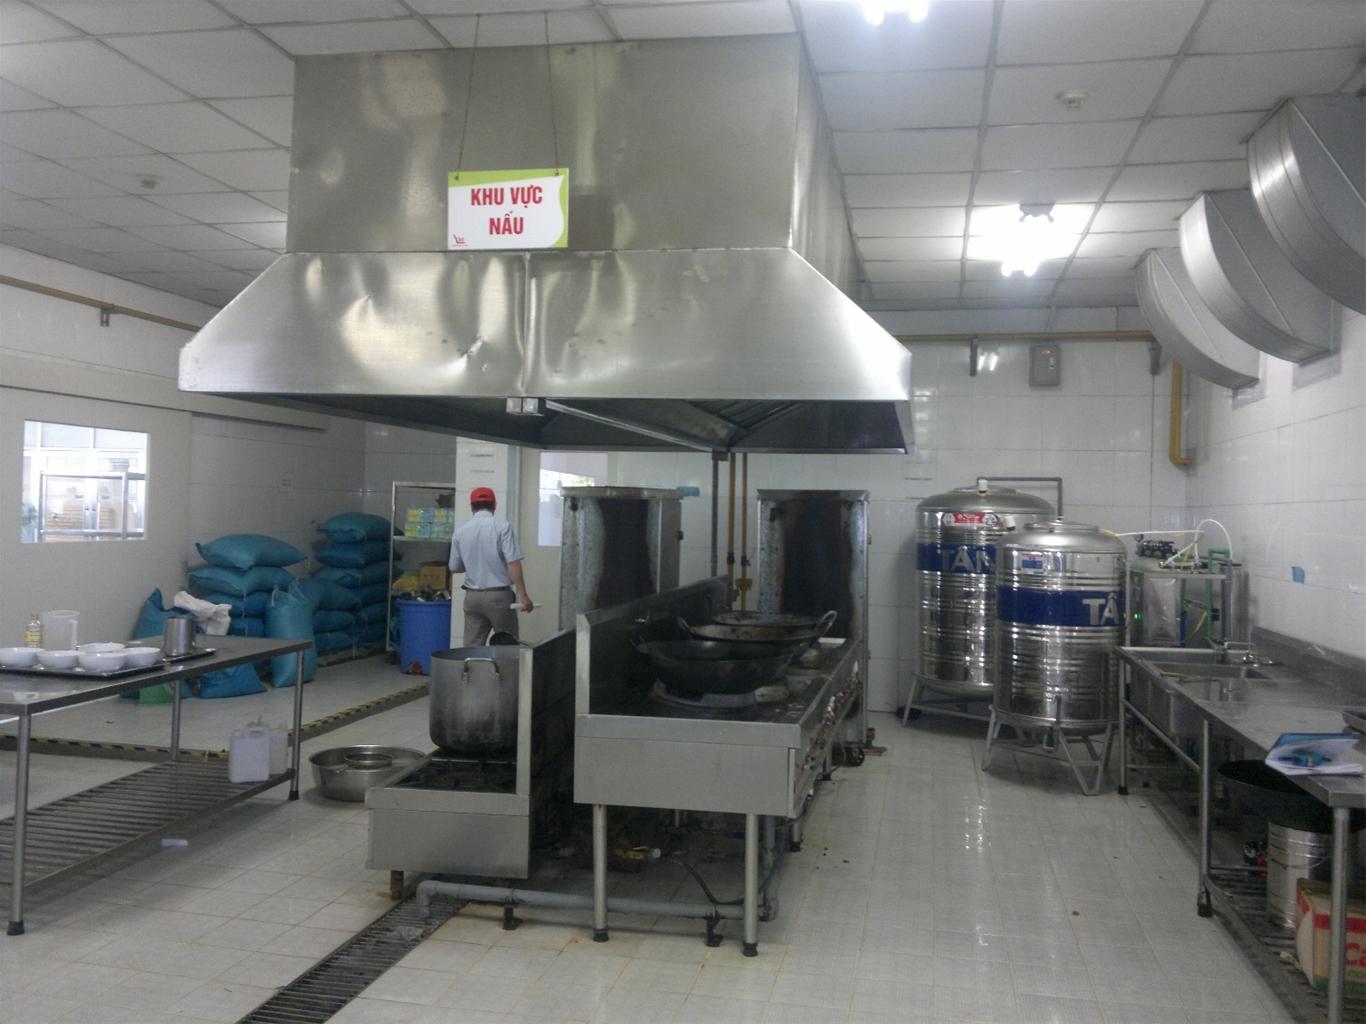 bảo trì thiết bị bếp nhà hàng nhỏ